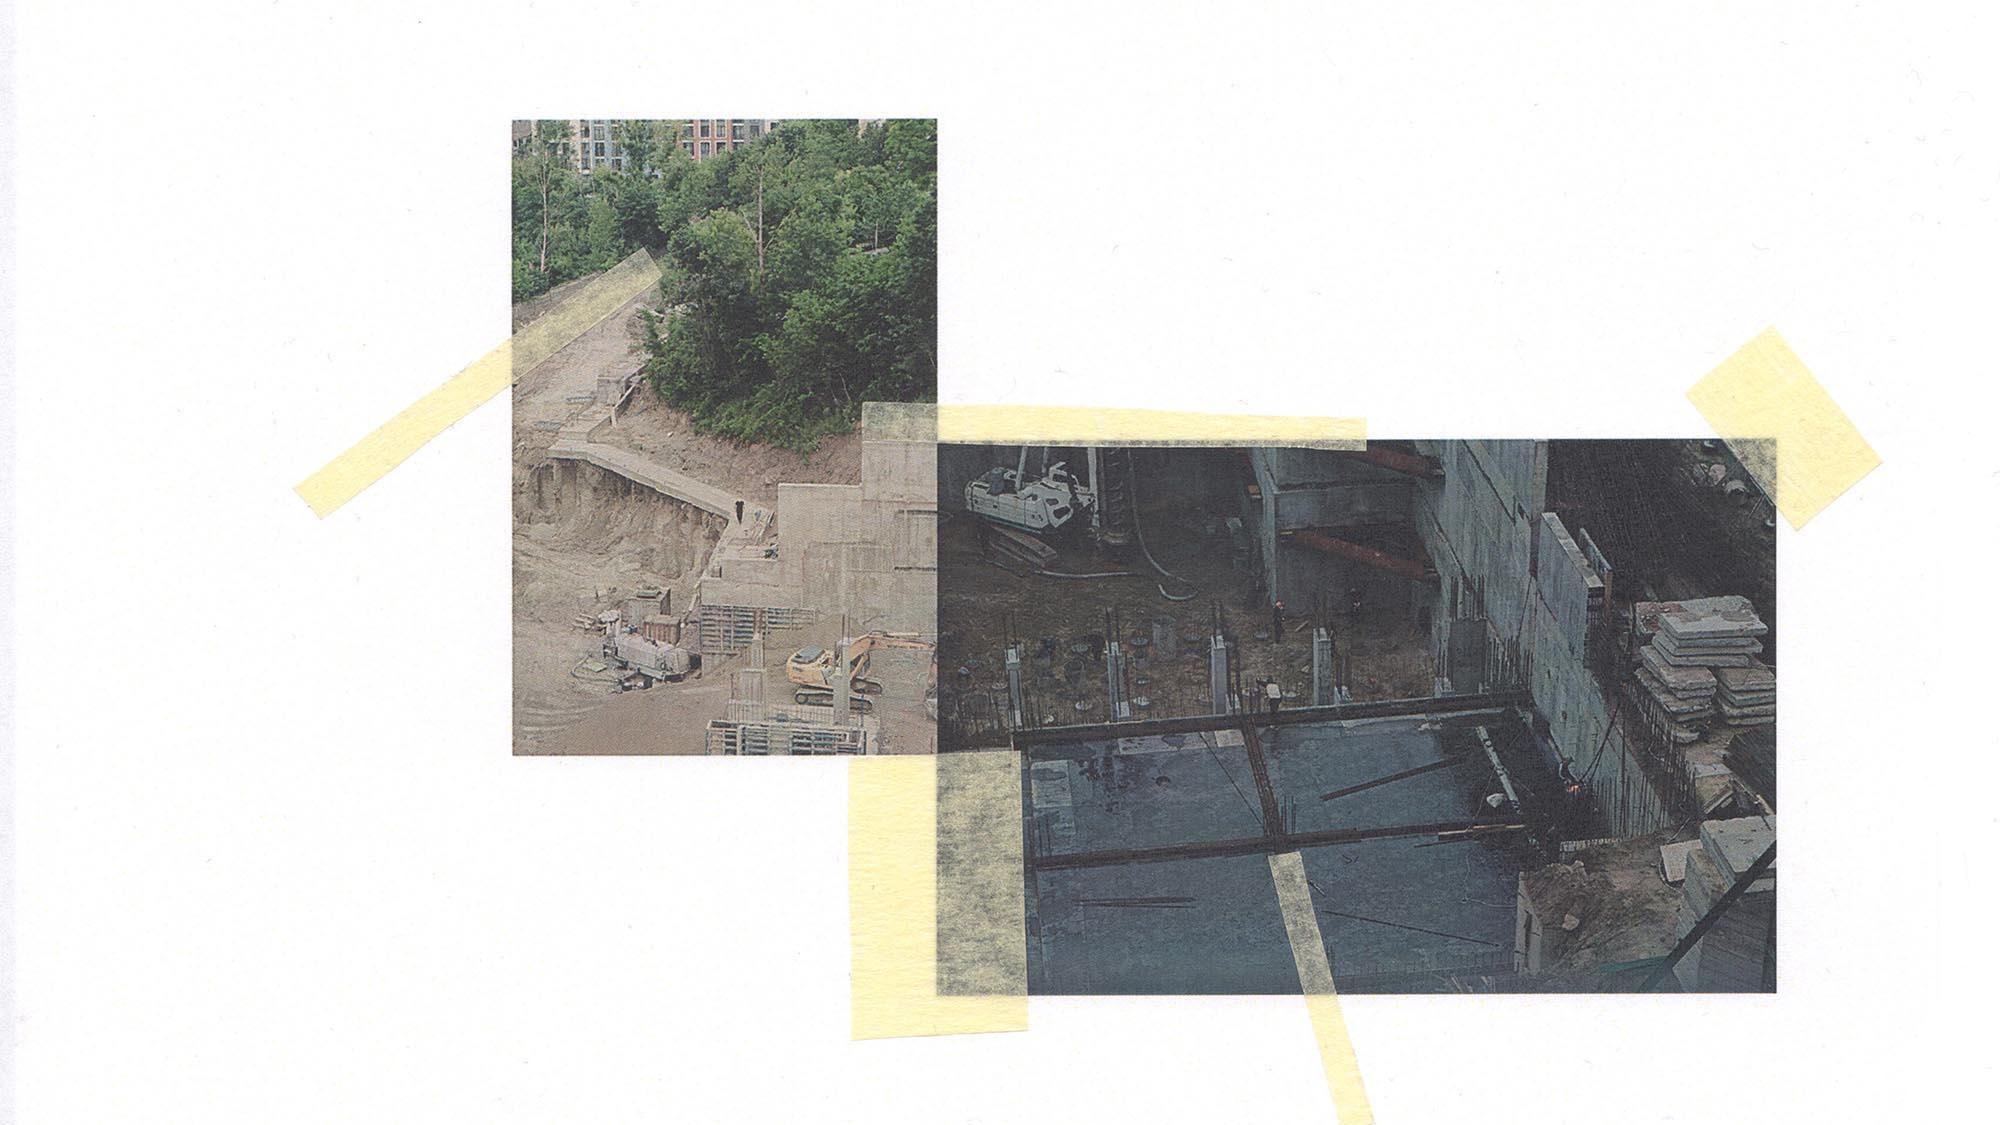 z sayenko 15 censorship 051220 - <b>Спи міцно, моє будівництво.</b> Проєкт Олесі Саєнко — у «Рівні цензури» - Заборона